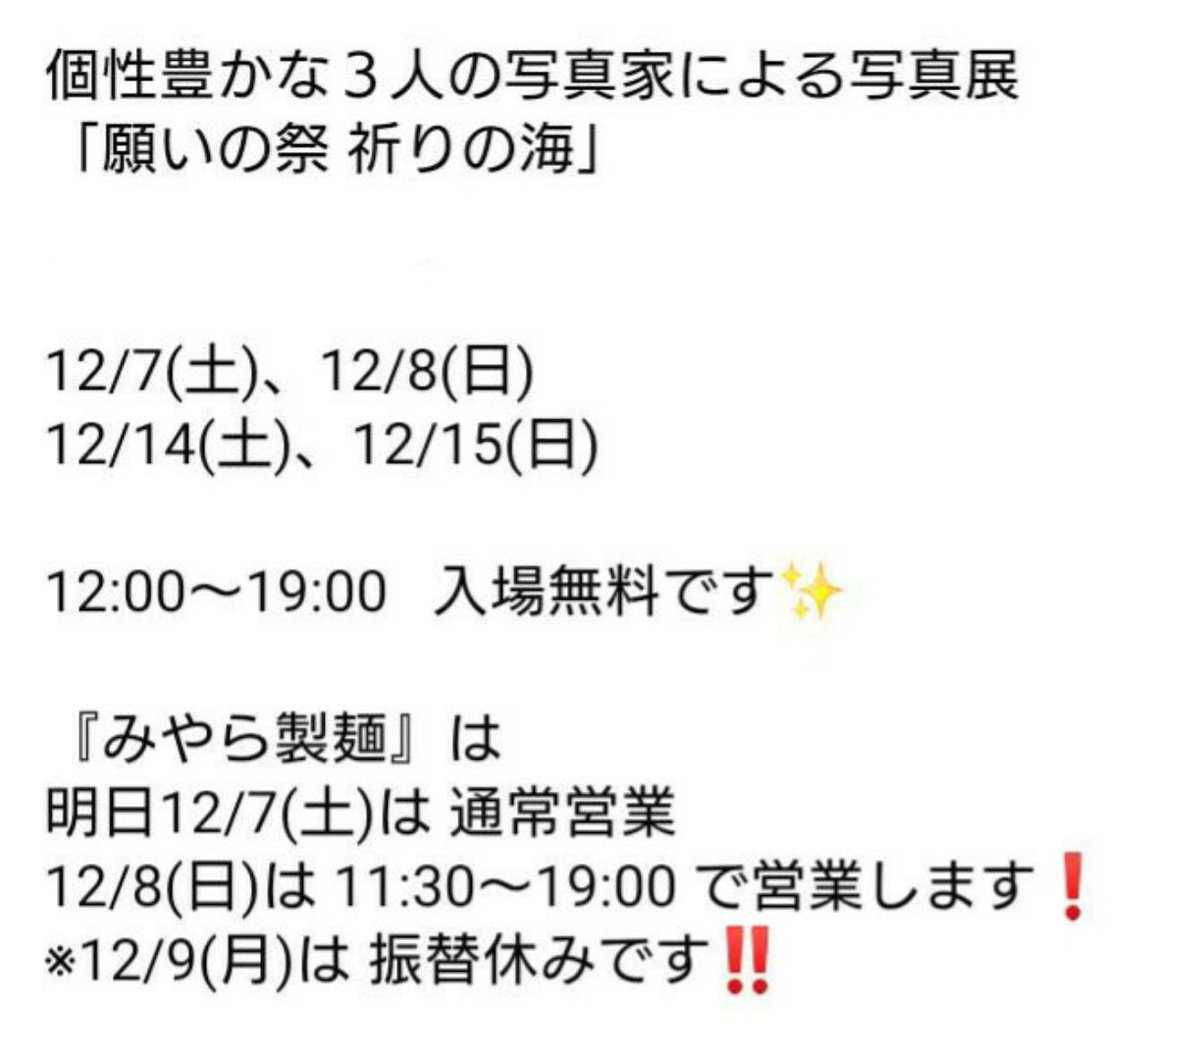 はいさーい🎵 みやら製麺2階『てるりん館東京』にて写真展「願いの祭 祈りの海」開催❗ 個性豊かな3人の写真家による写真展です。 *12/7.8.14.15 写真展期間中、ご来店の際は営業時間をご確認ください🐷 #上野 #湯島 #沖縄 #写真 #展示 #八重山そば